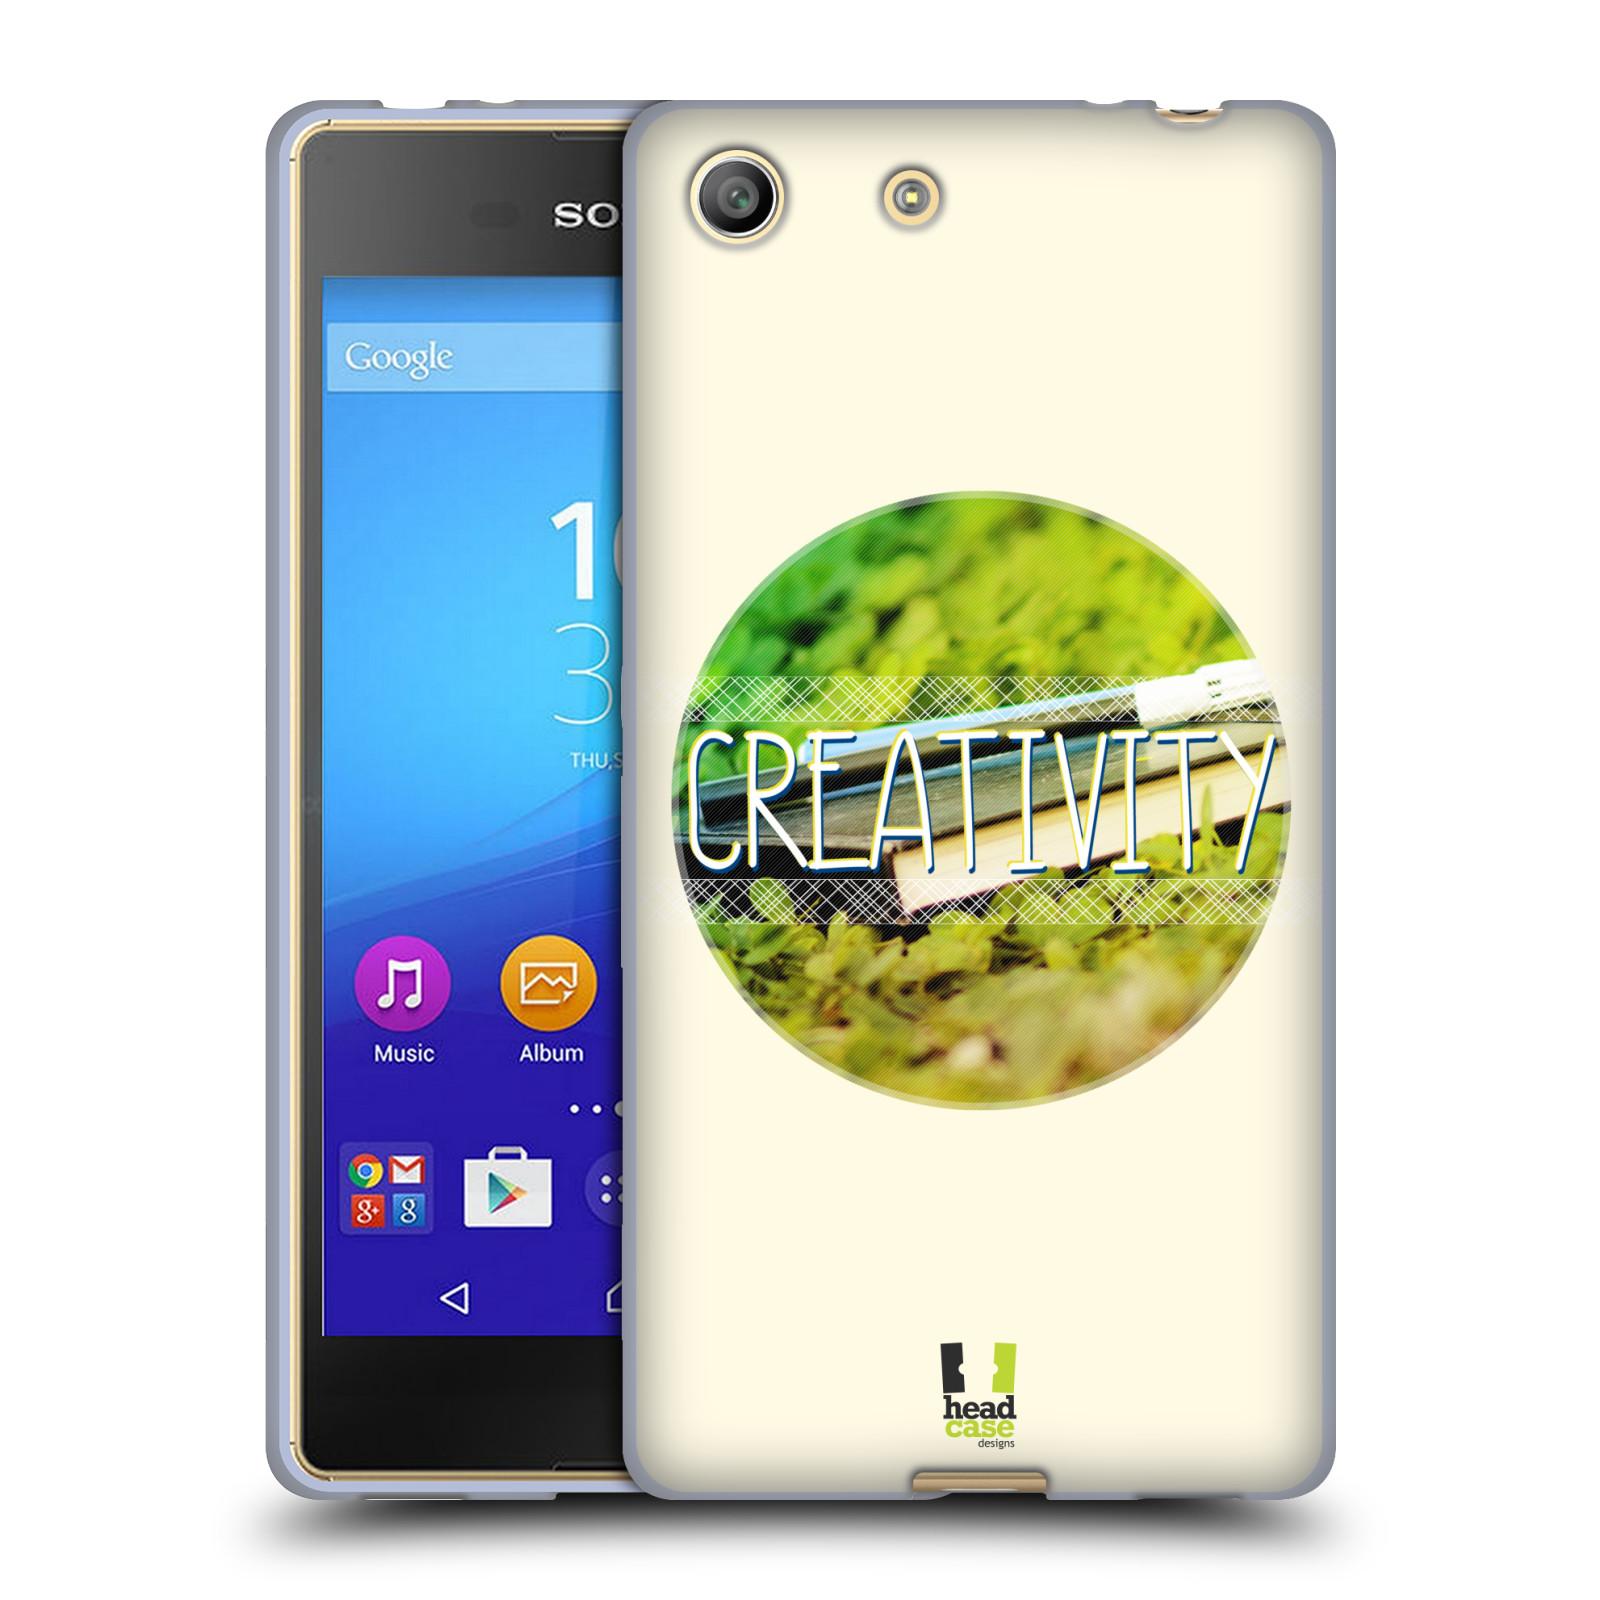 Silikonové pouzdro na mobil Sony Xperia M5 HEAD CASE INSPIRACE V KRUHU KREATIVITA (Silikonový kryt či obal na mobilní telefon Sony Xperia M5 Dual SIM / Aqua)